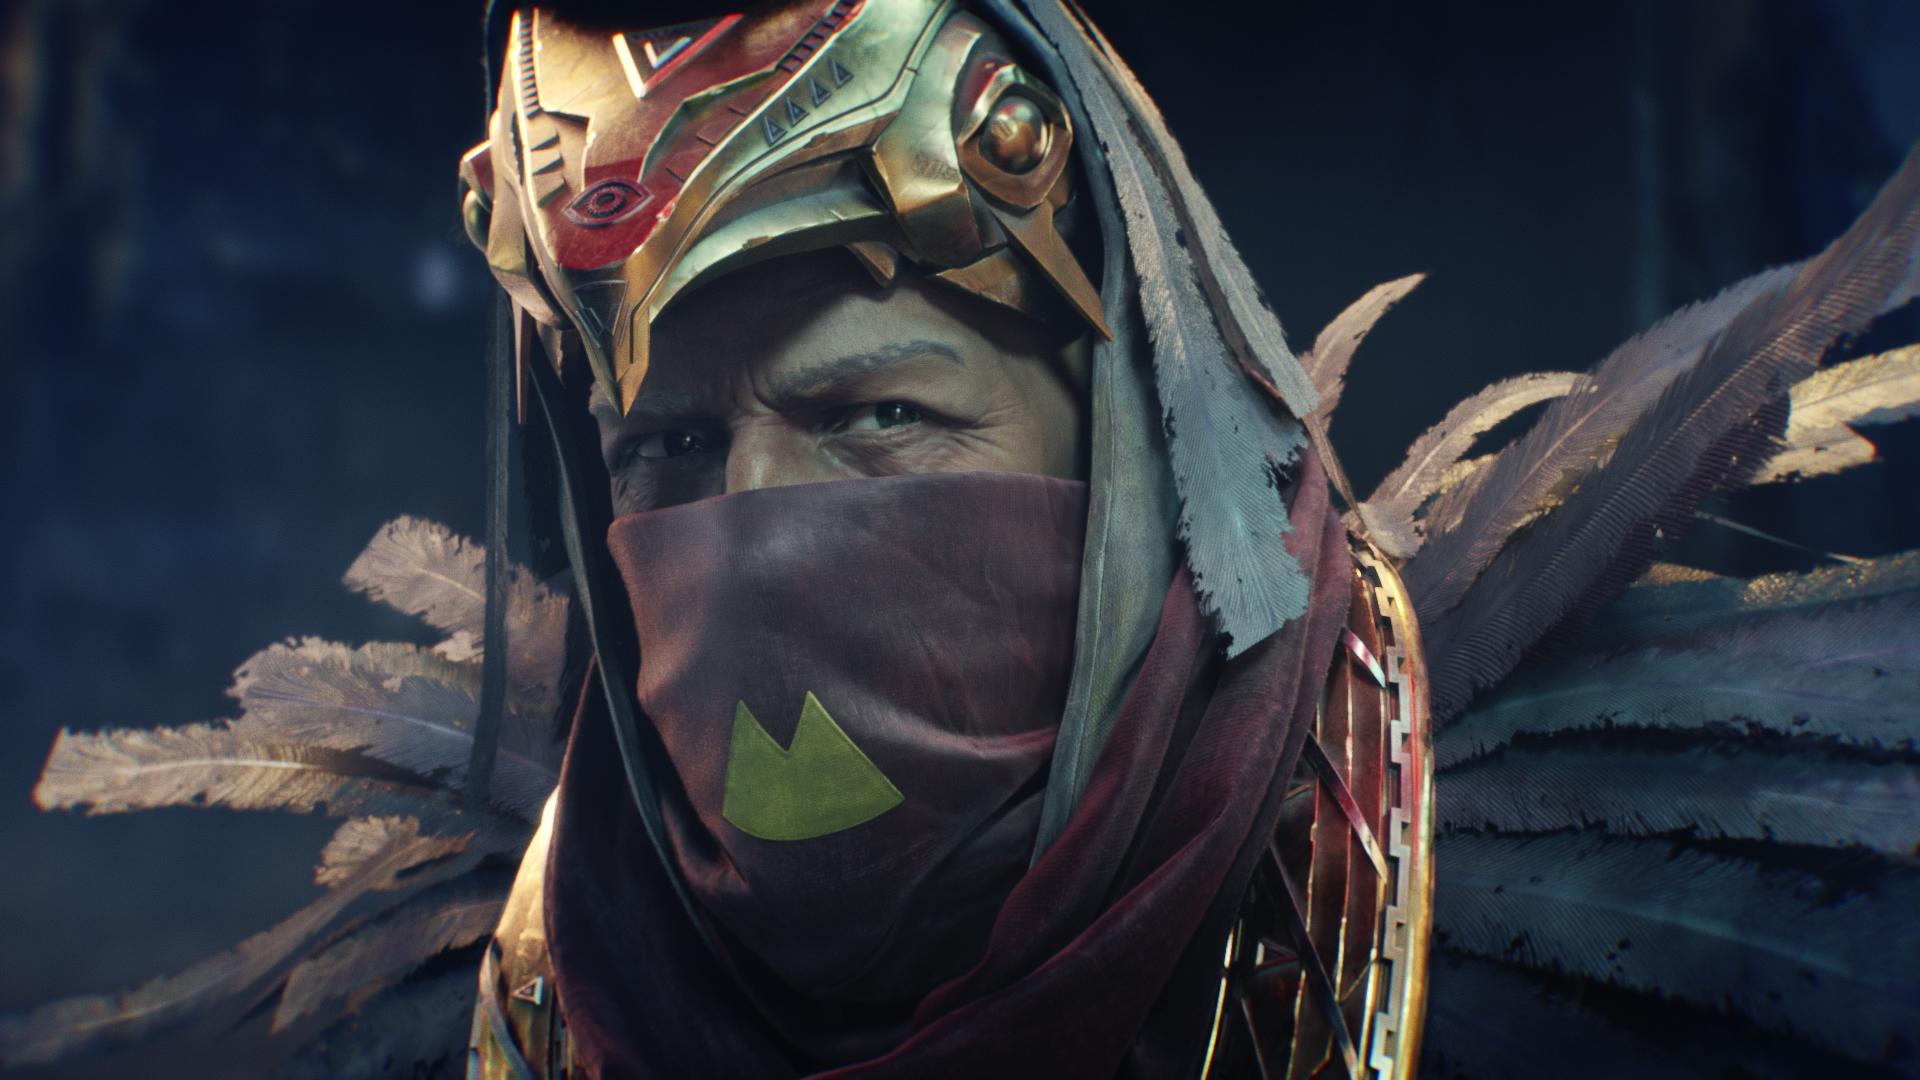 Drift Mask Fortnite Characters